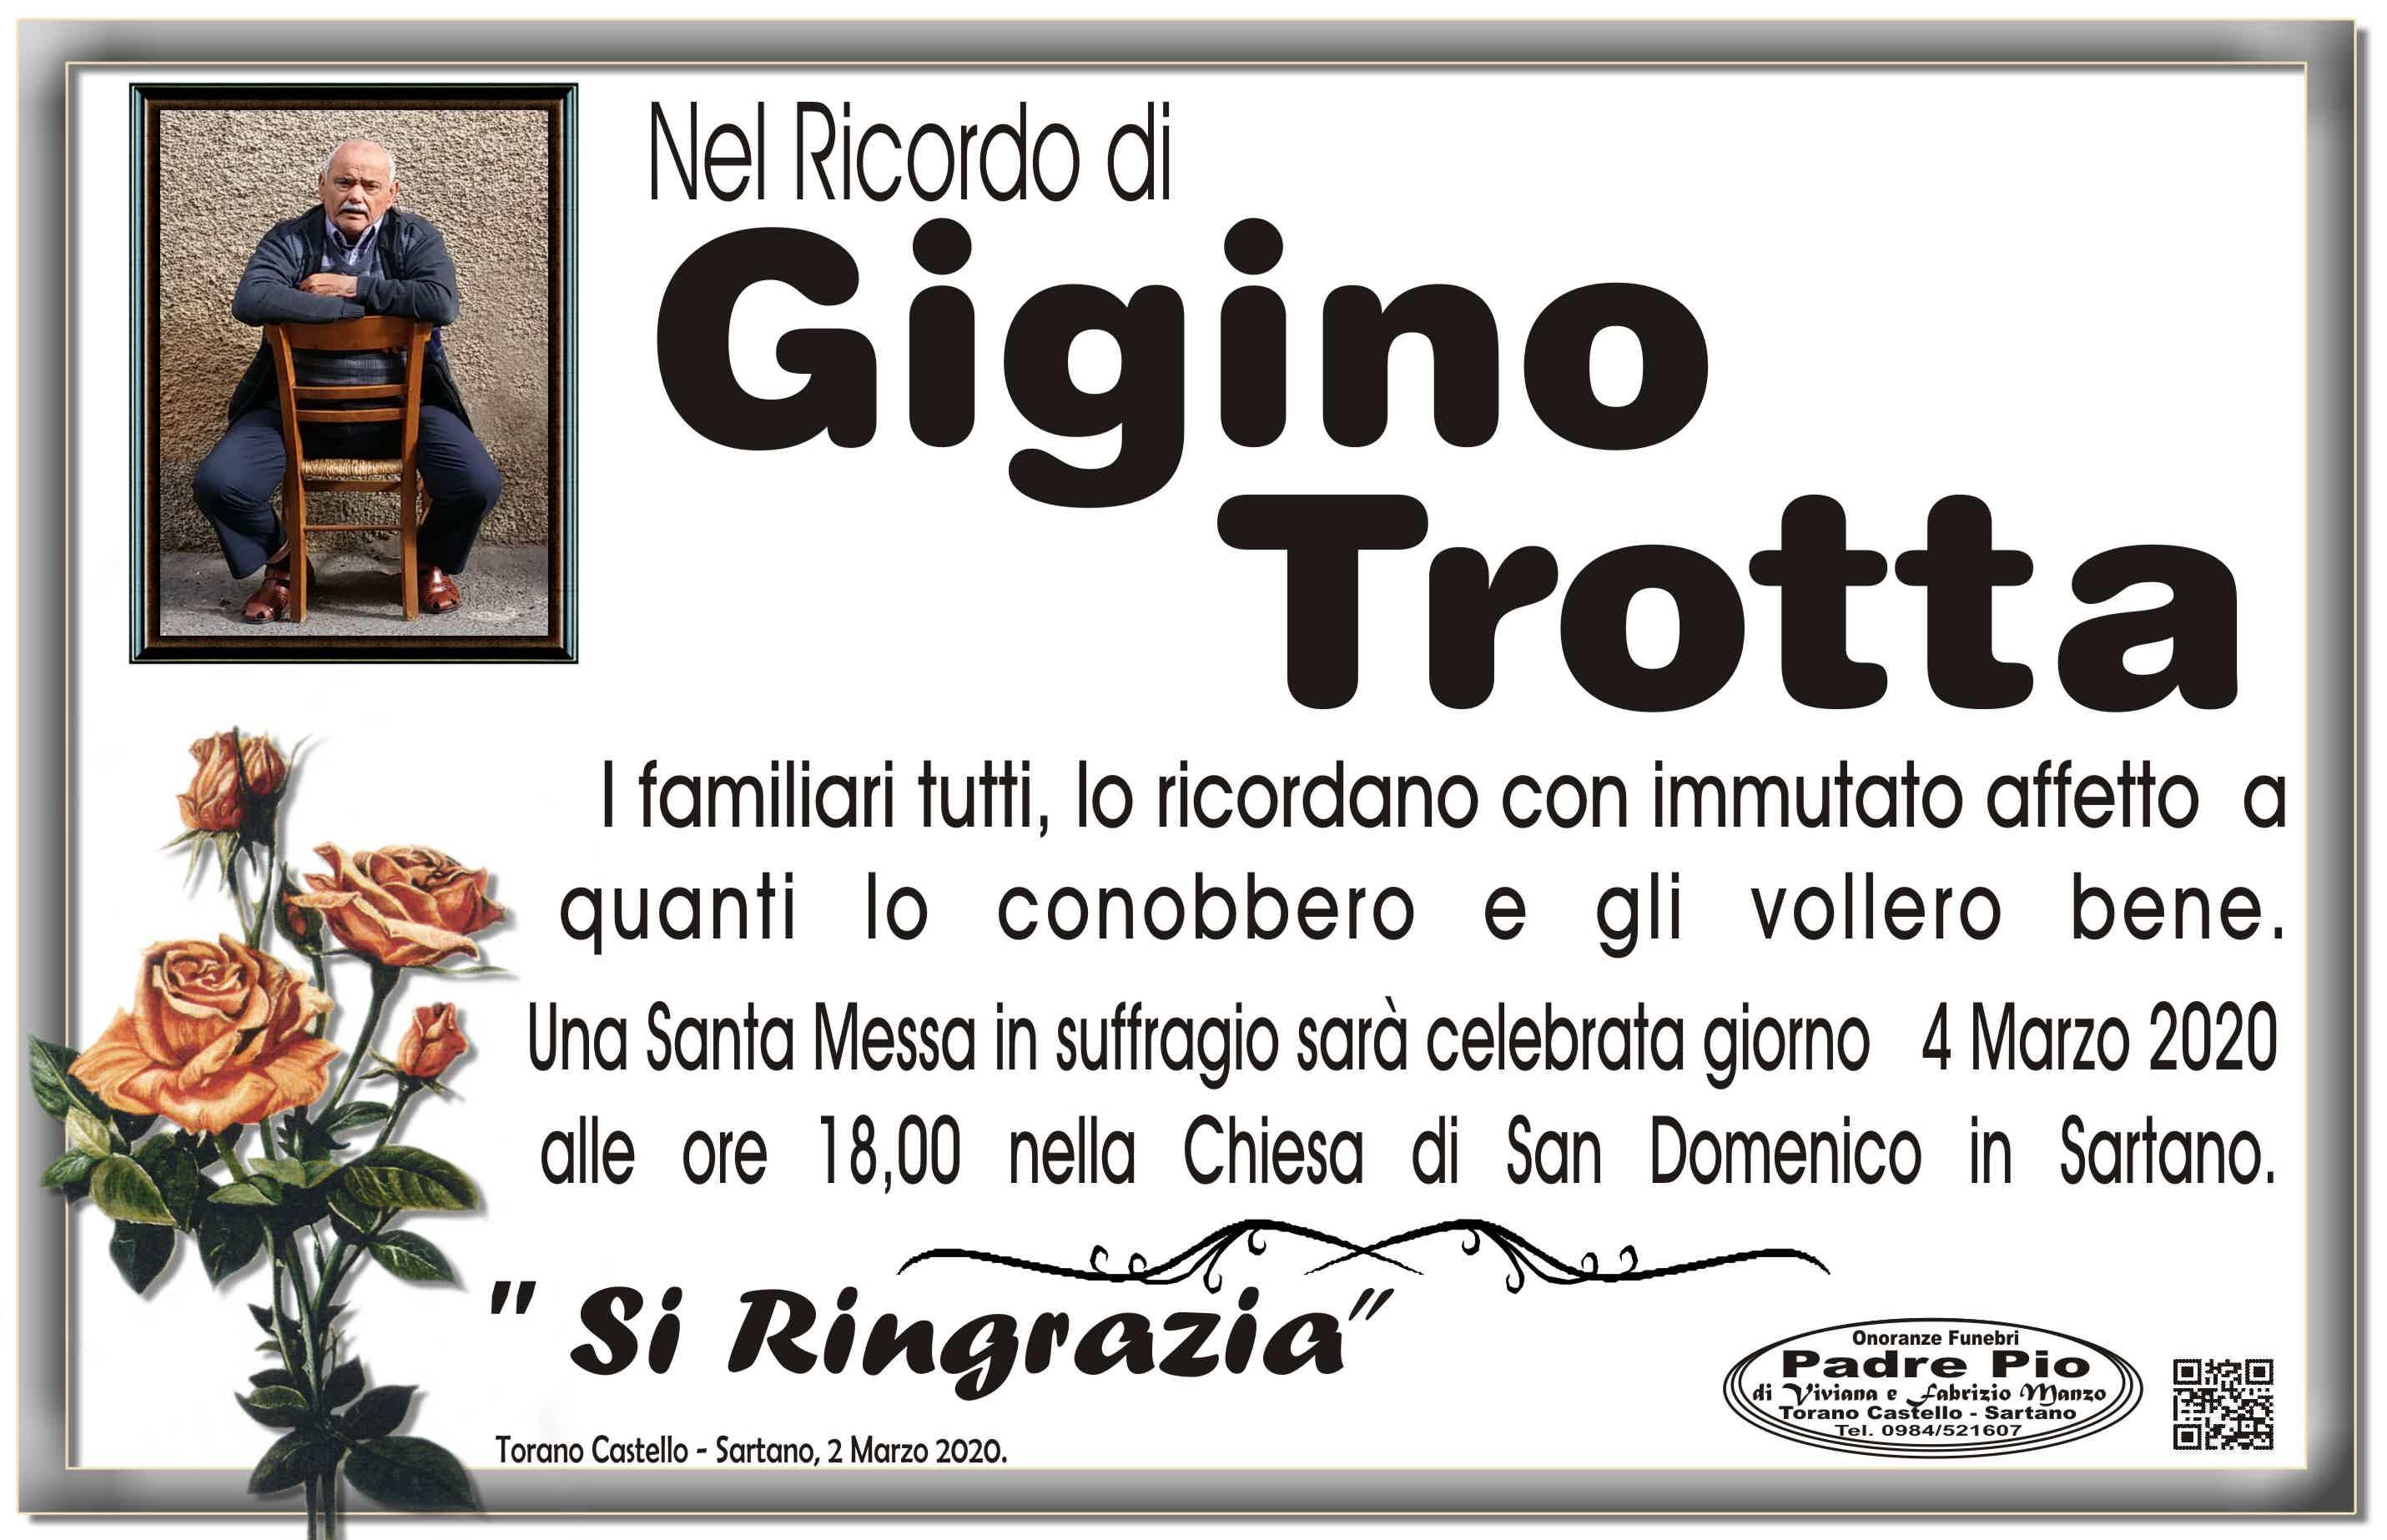 Gigino Trotta